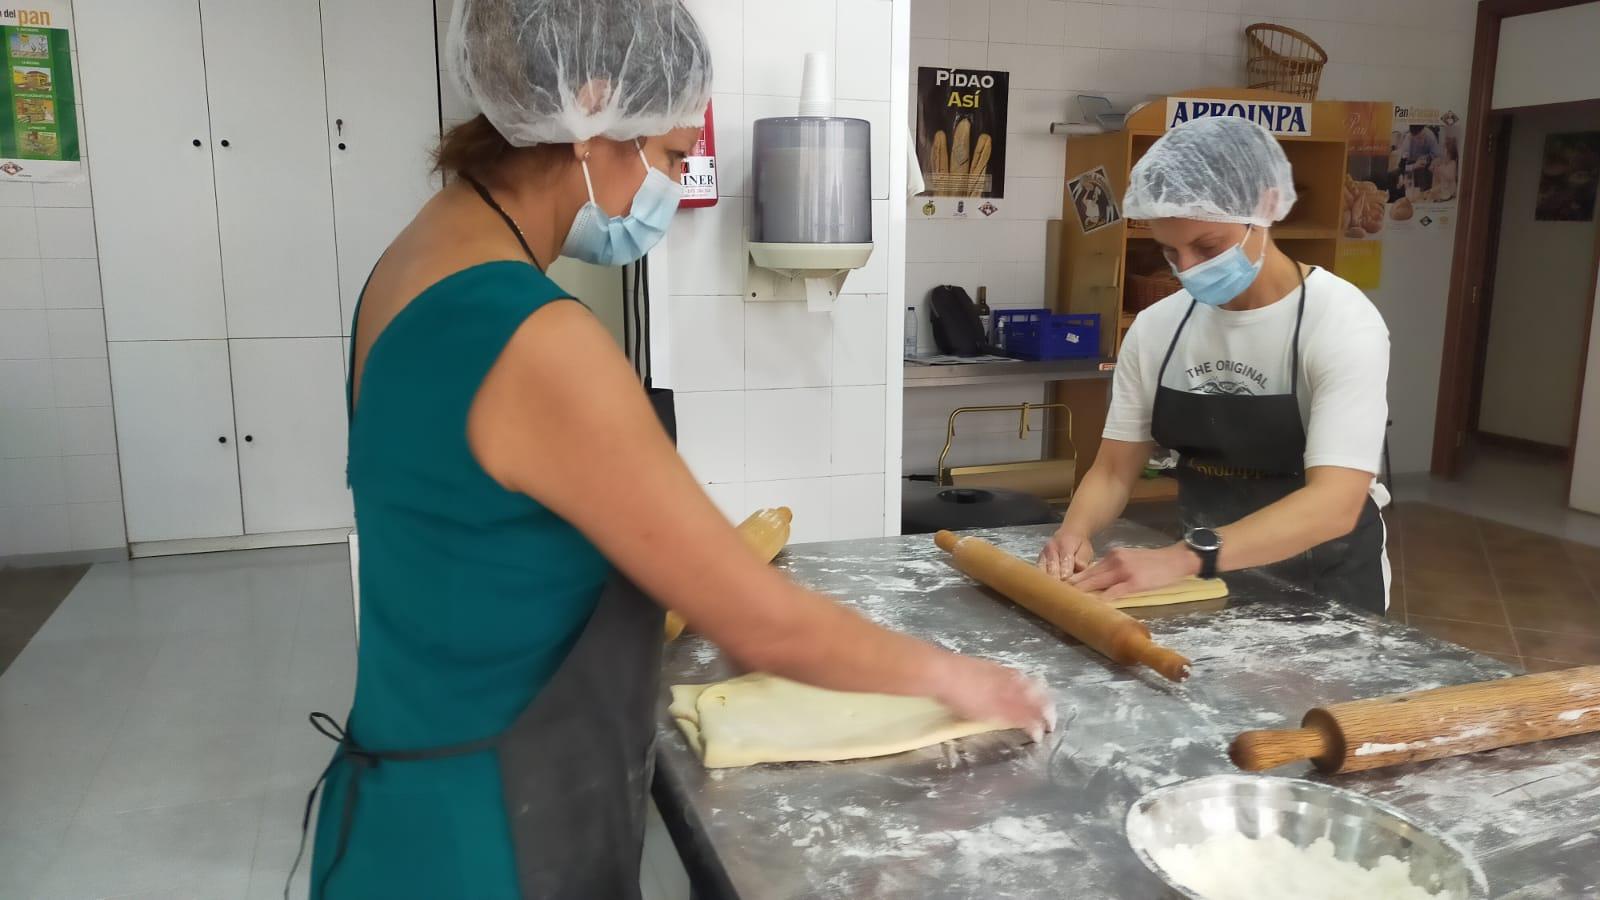 elaboraciones-curso-panaderia-bolleria-y-pasteleria-vigo